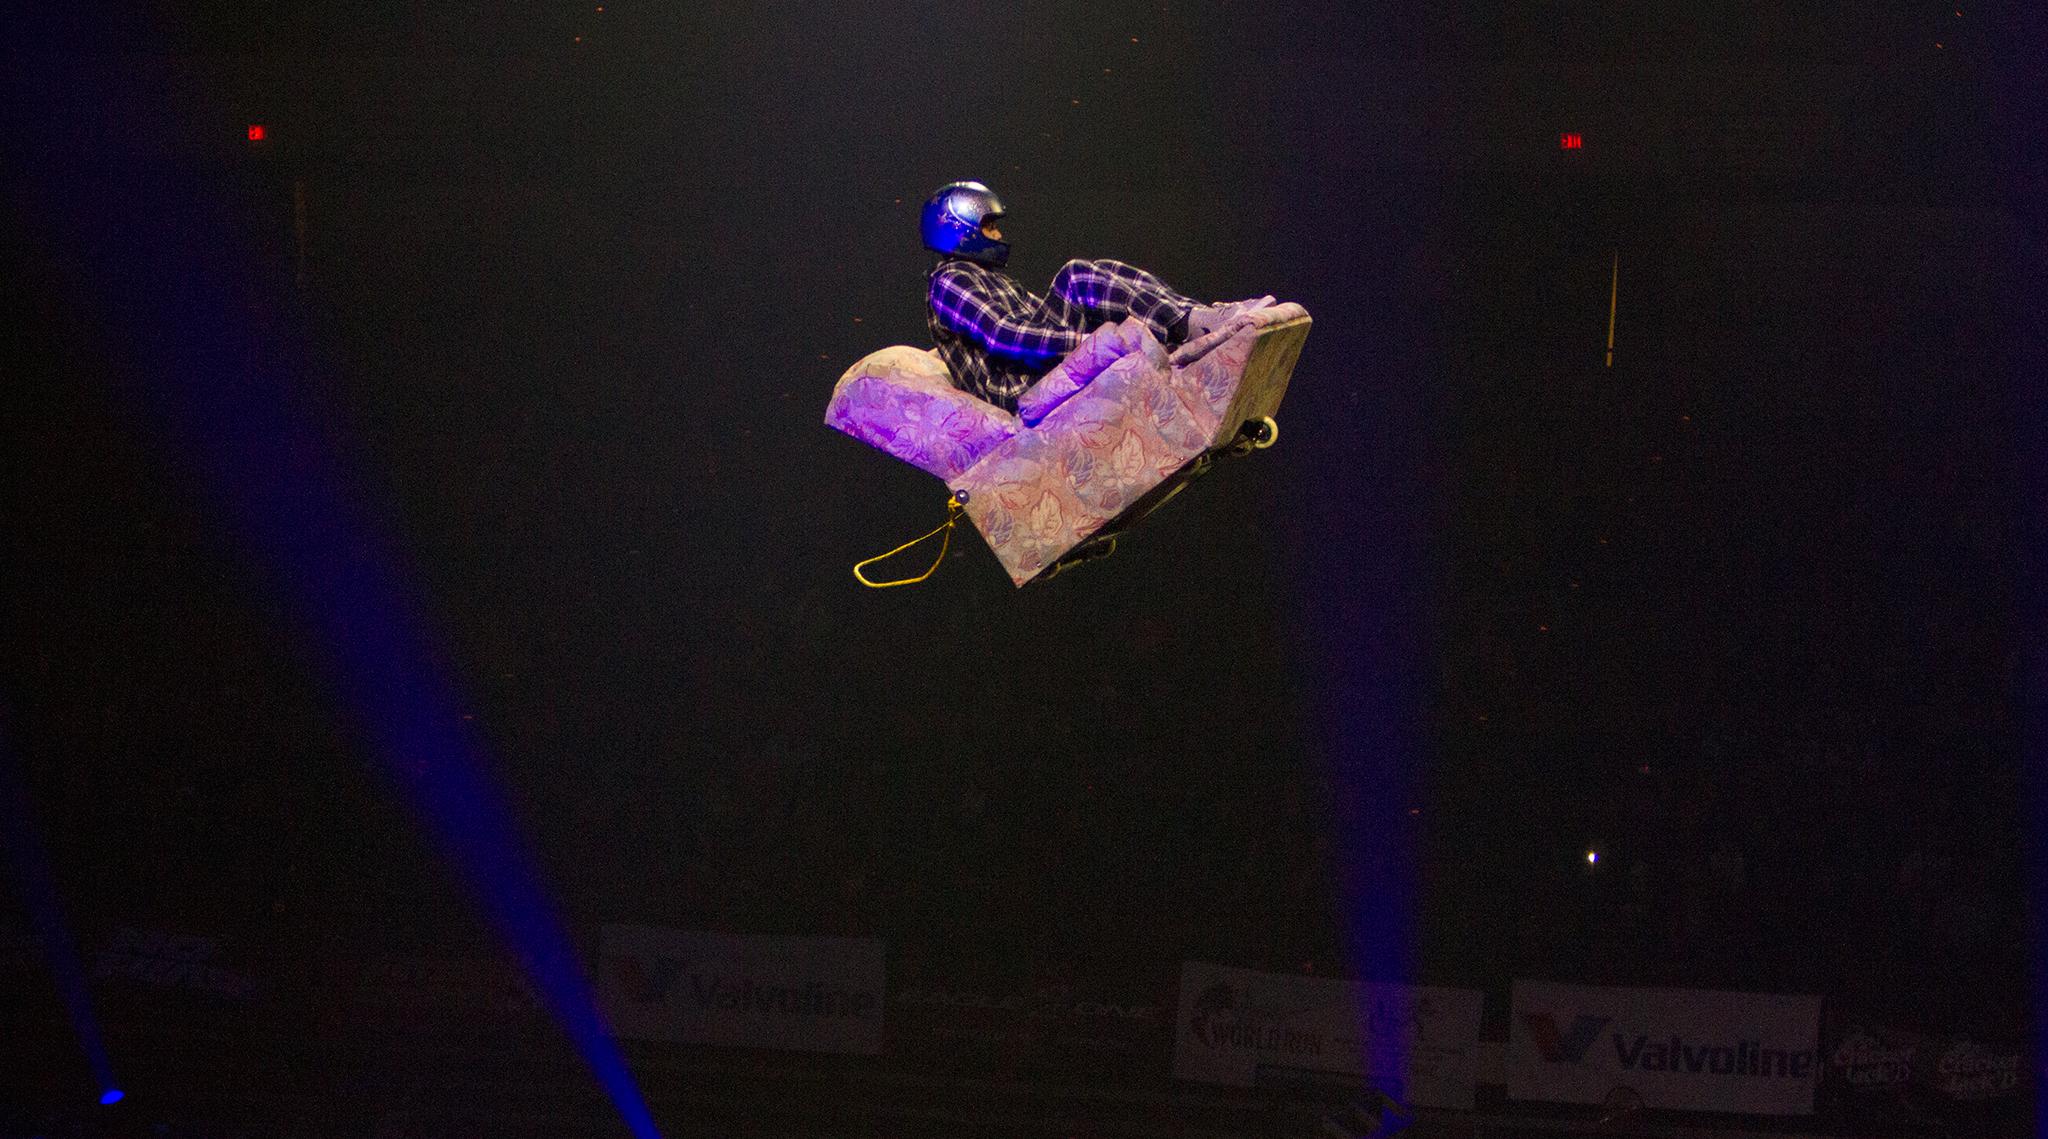 Cadeira voadora?